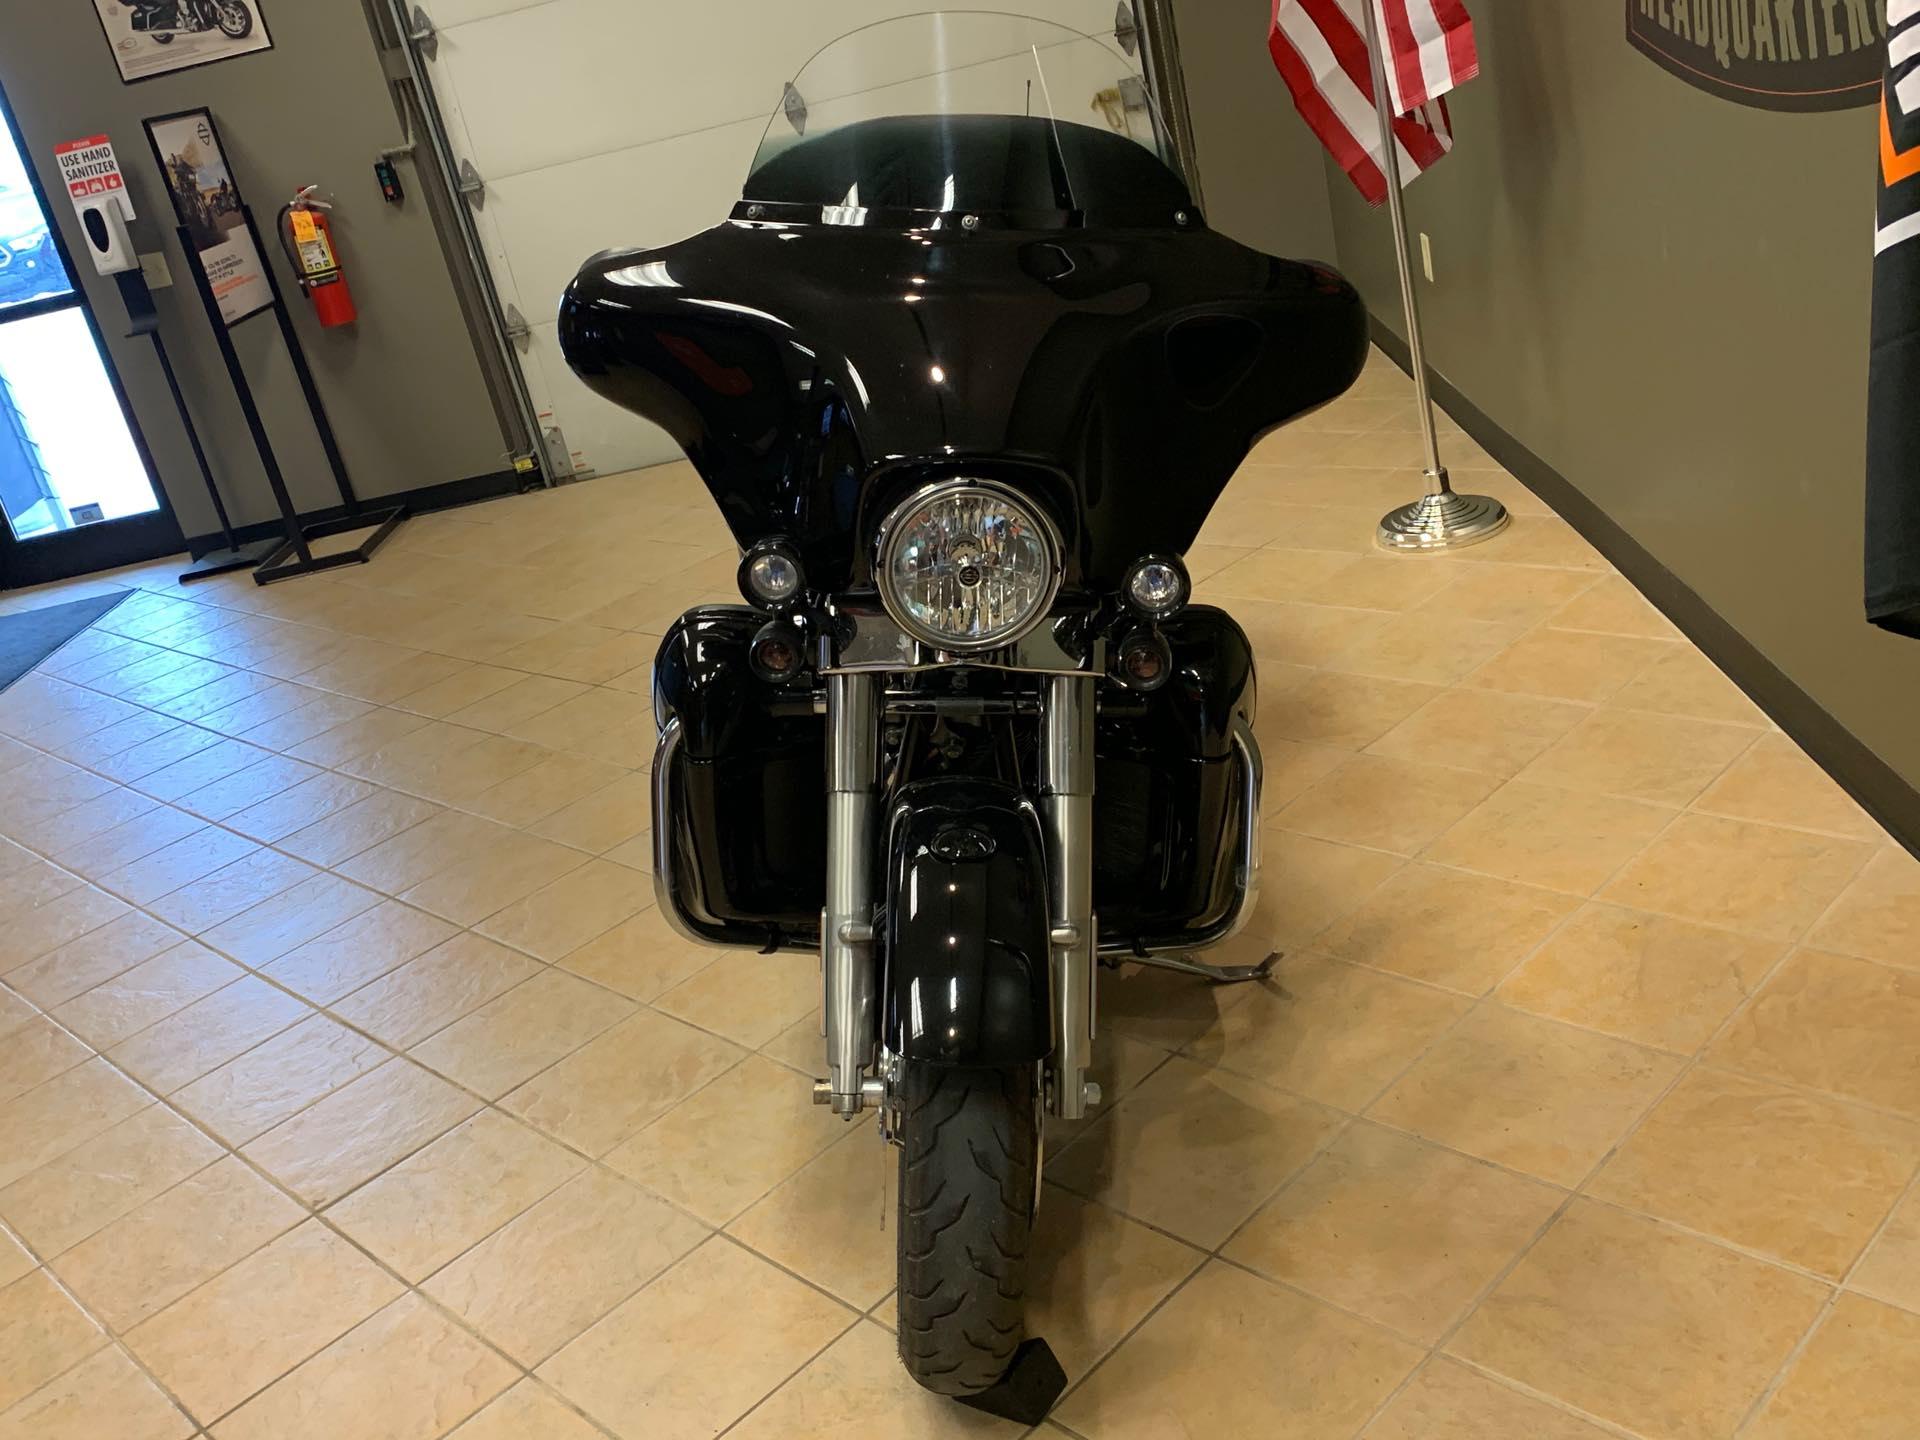 2012 Harley-Davidson Street Glide Base at Loess Hills Harley-Davidson